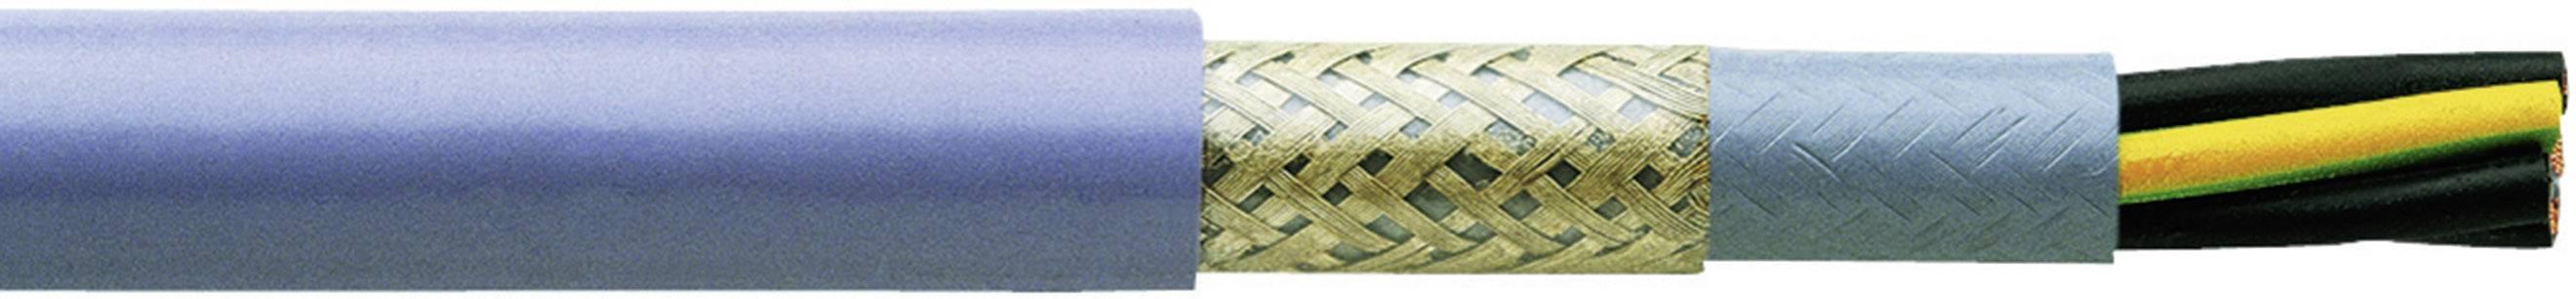 Riadiaci kábel Faber Kabel YSLYCY-JZ 030422, 4 x 0.75 mm², vonkajší Ø 8.80 mm, 500 V, metrový tovar, sivá